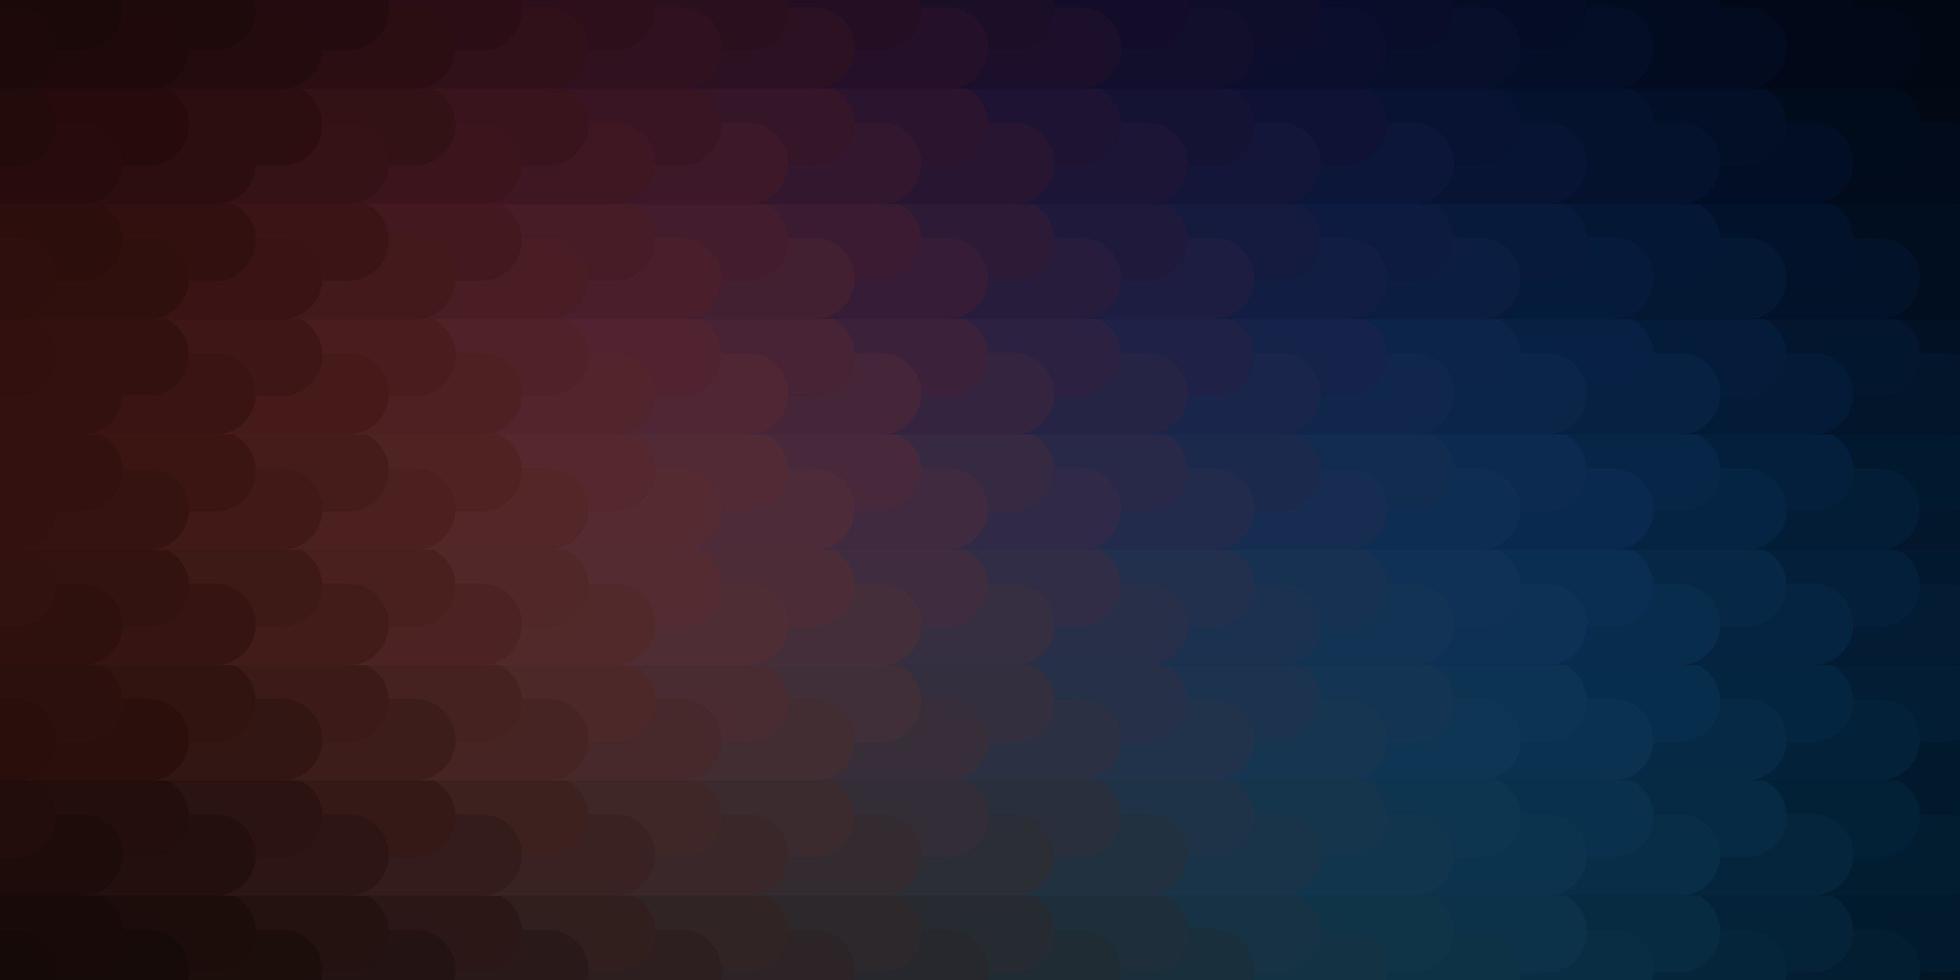 texture bleu foncé et rouge avec des lignes. vecteur